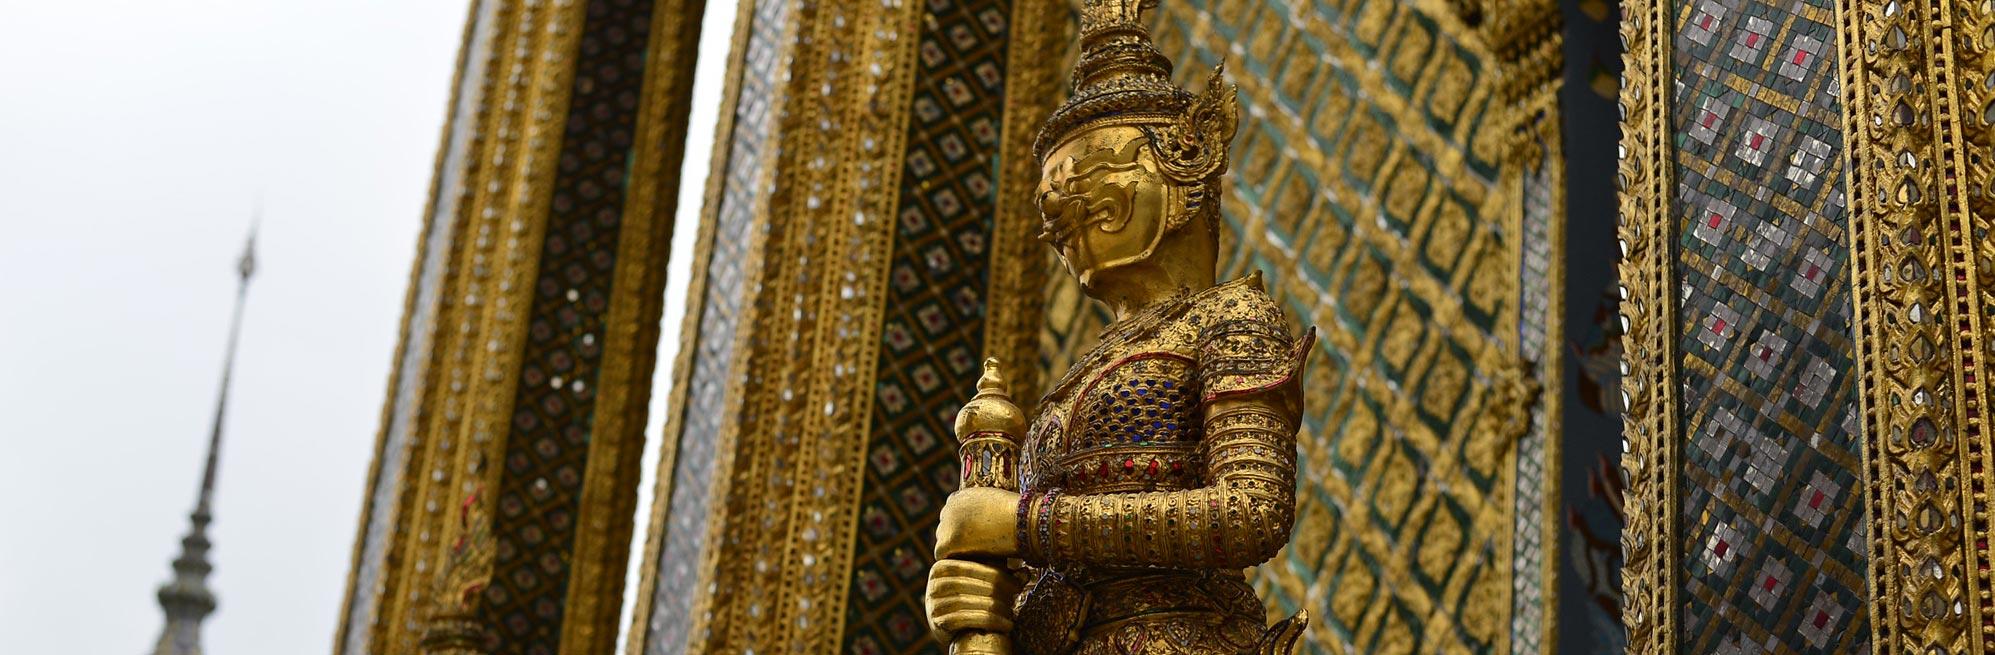 IDTH Bangkok y Bali 13 días 3 1